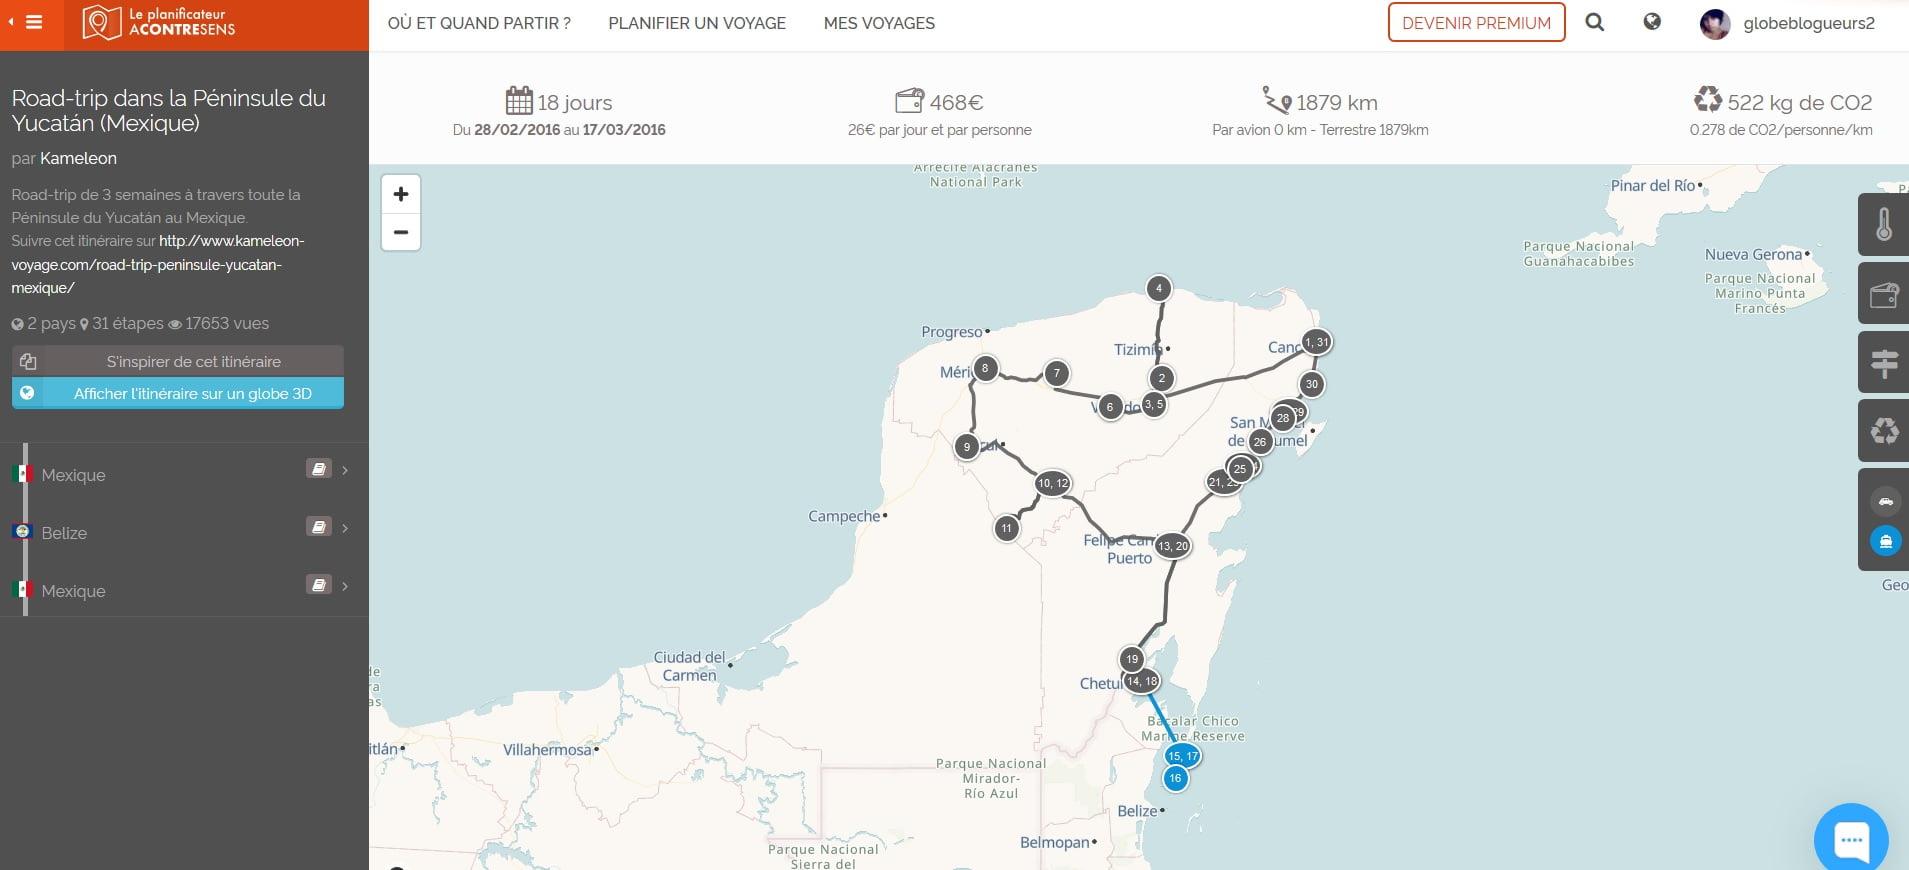 planificateur itinéraire de voyage